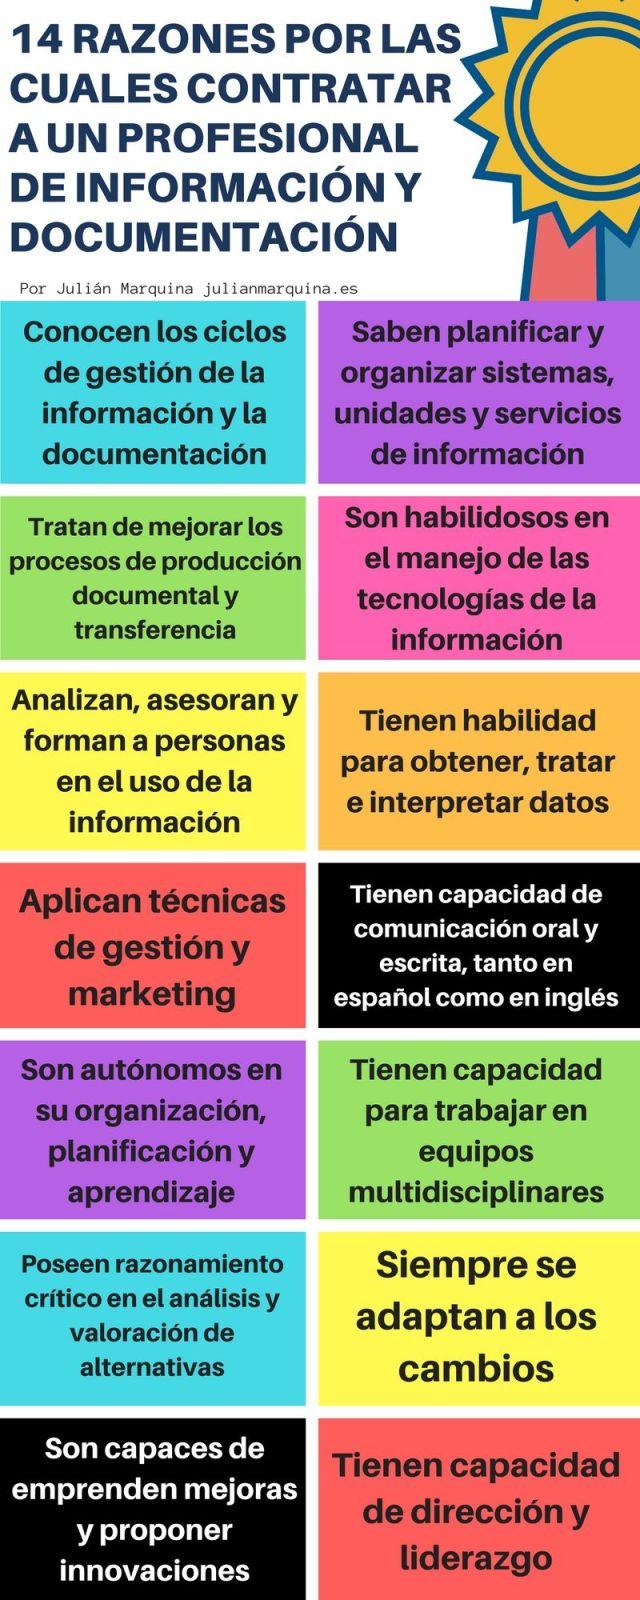 14 razones por los cuales contratar a un profesional de Información y Documentación